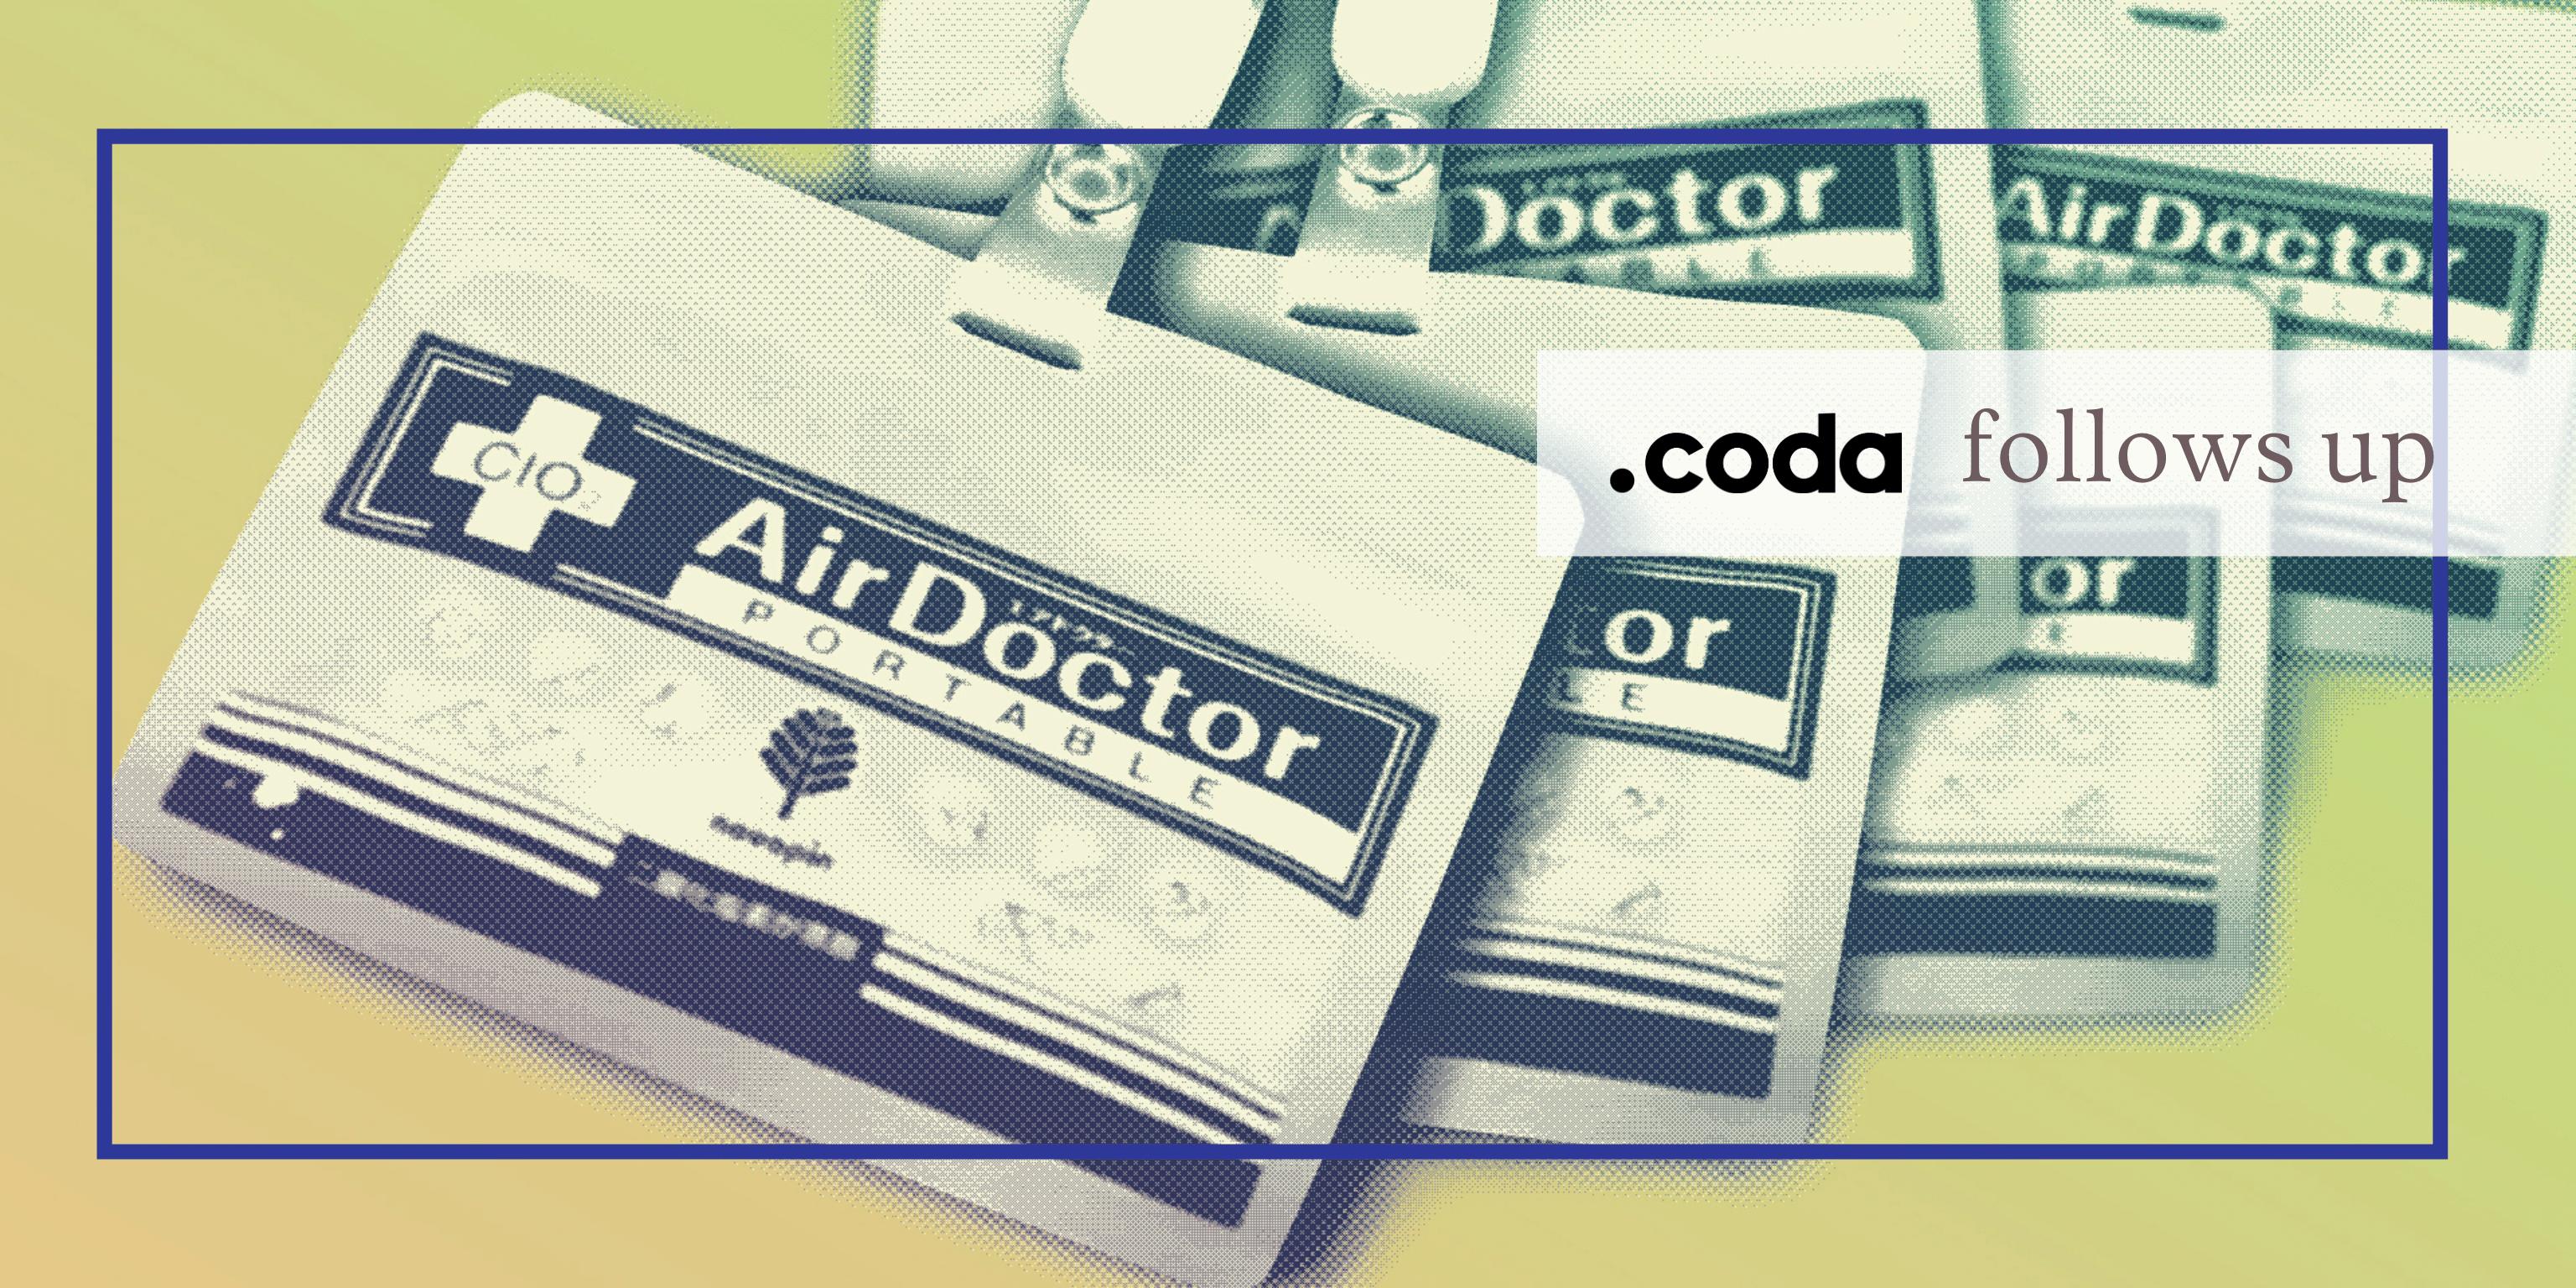 airdoctor-coronavirus-shutout-badge